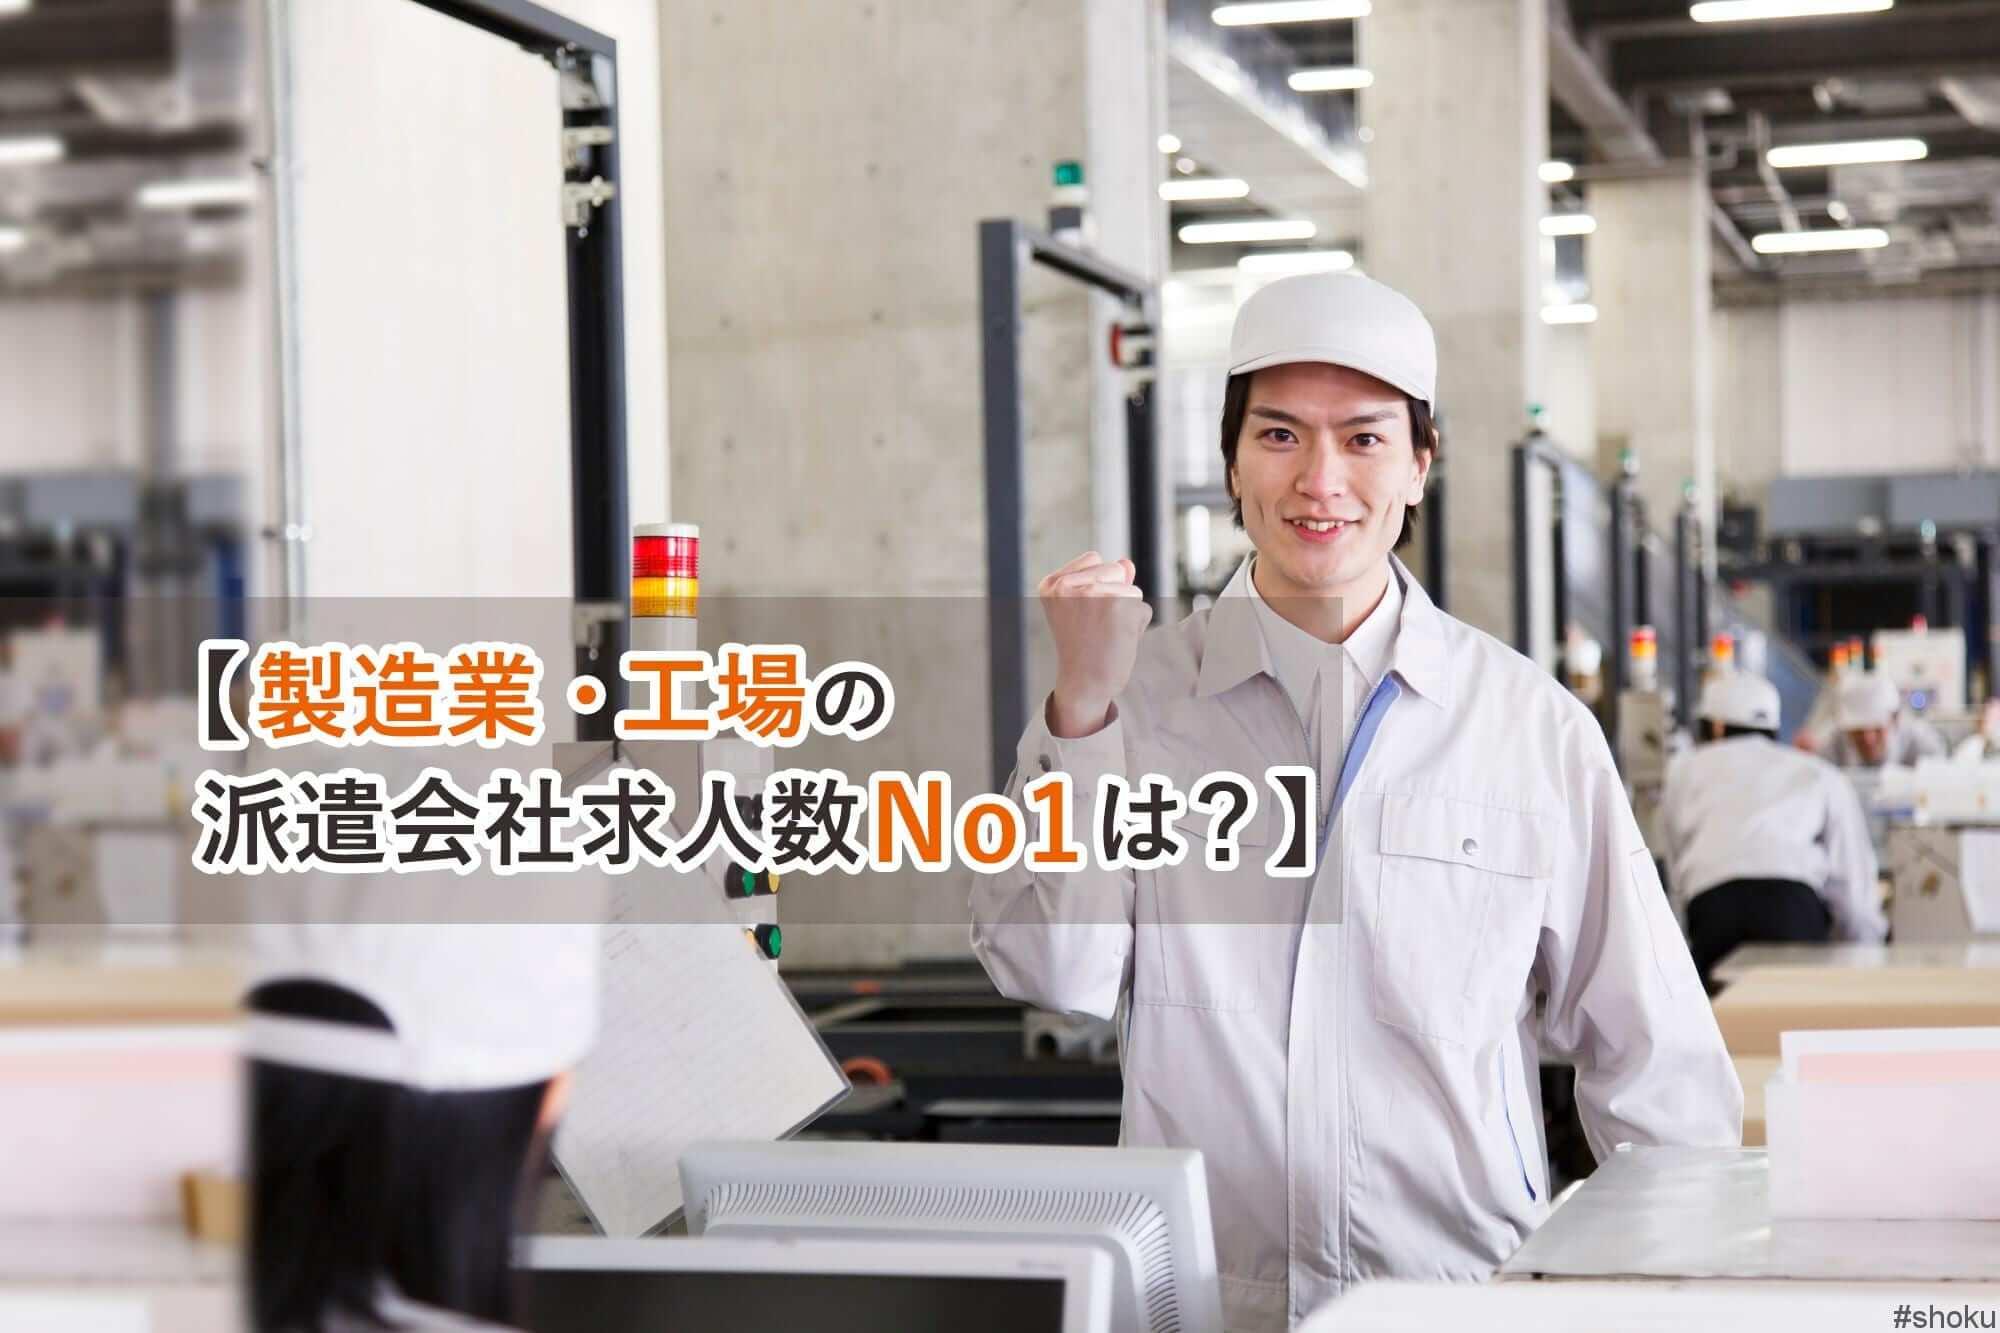 【派遣のプロが語る】製造業や工場の派遣におすすめの派遣会社ランキング/2021年版